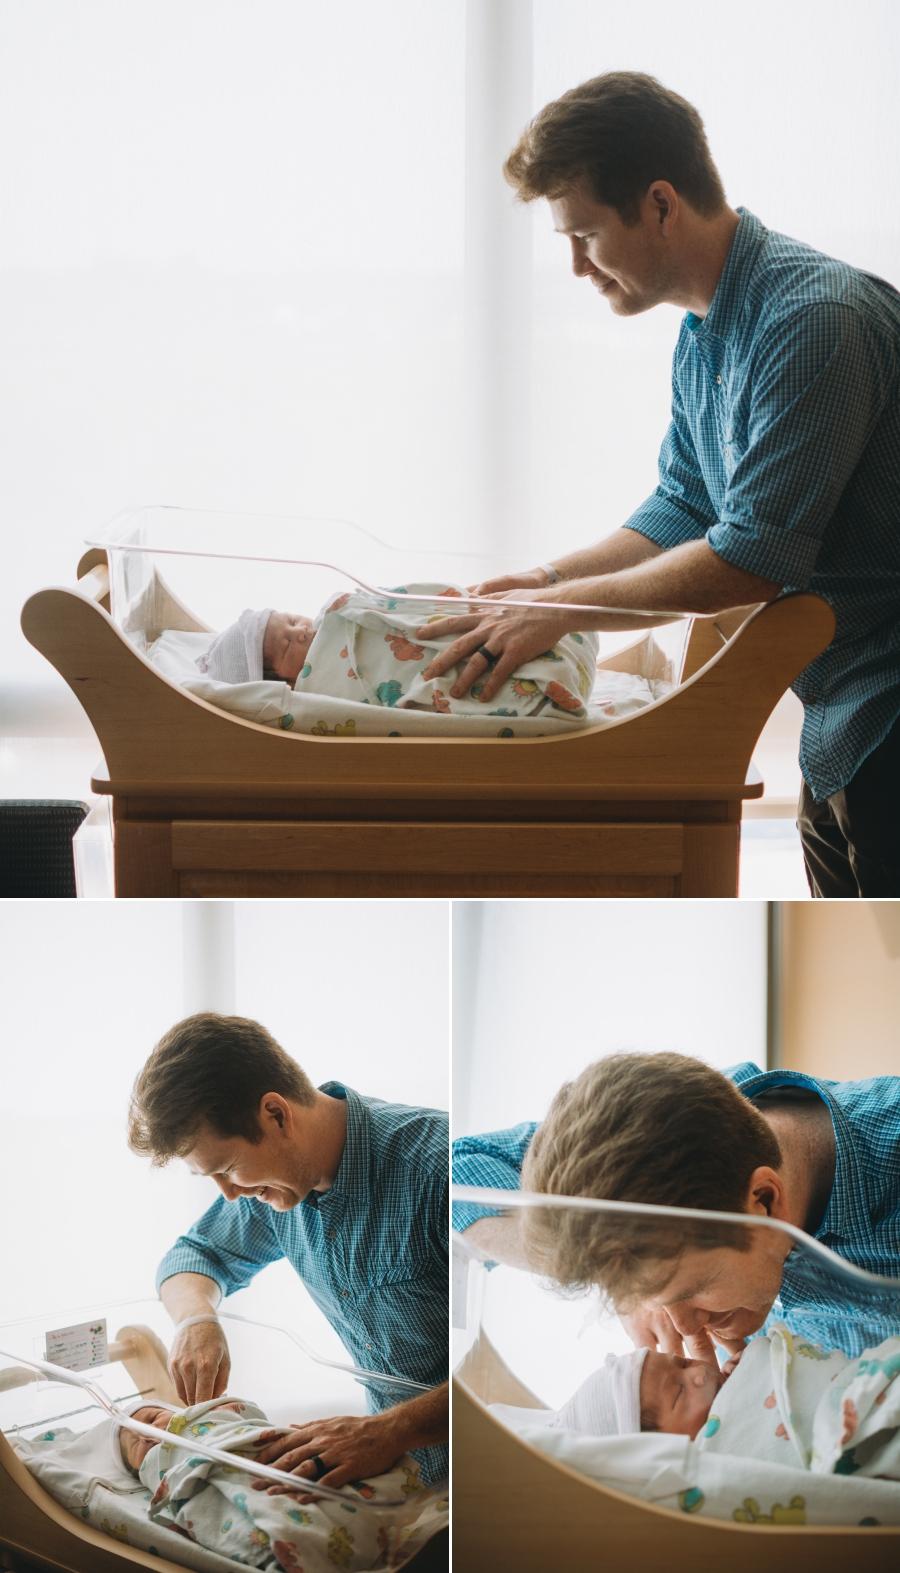 BABY ROWAN 10